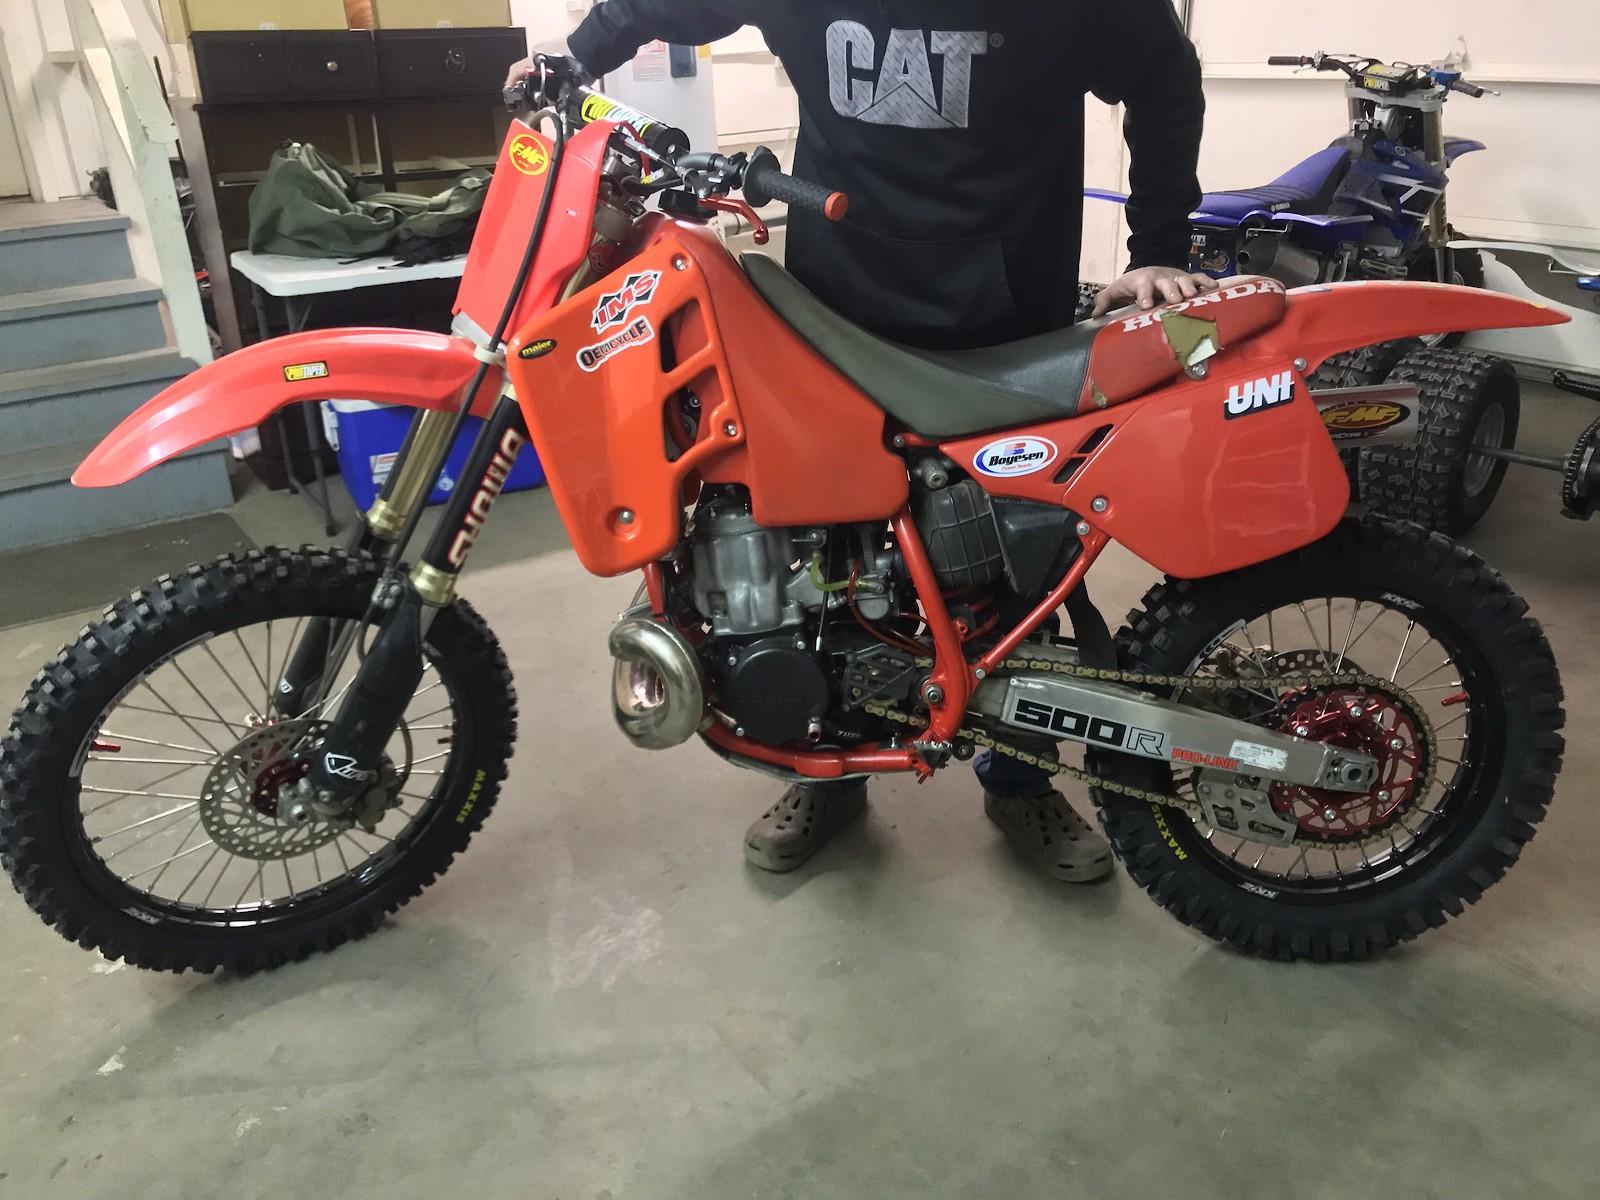 7559C7D3-9D92-4B4C-B80B-CF481A77F0E9 - NateWeltzin - Motocross Pictures - Vital MX